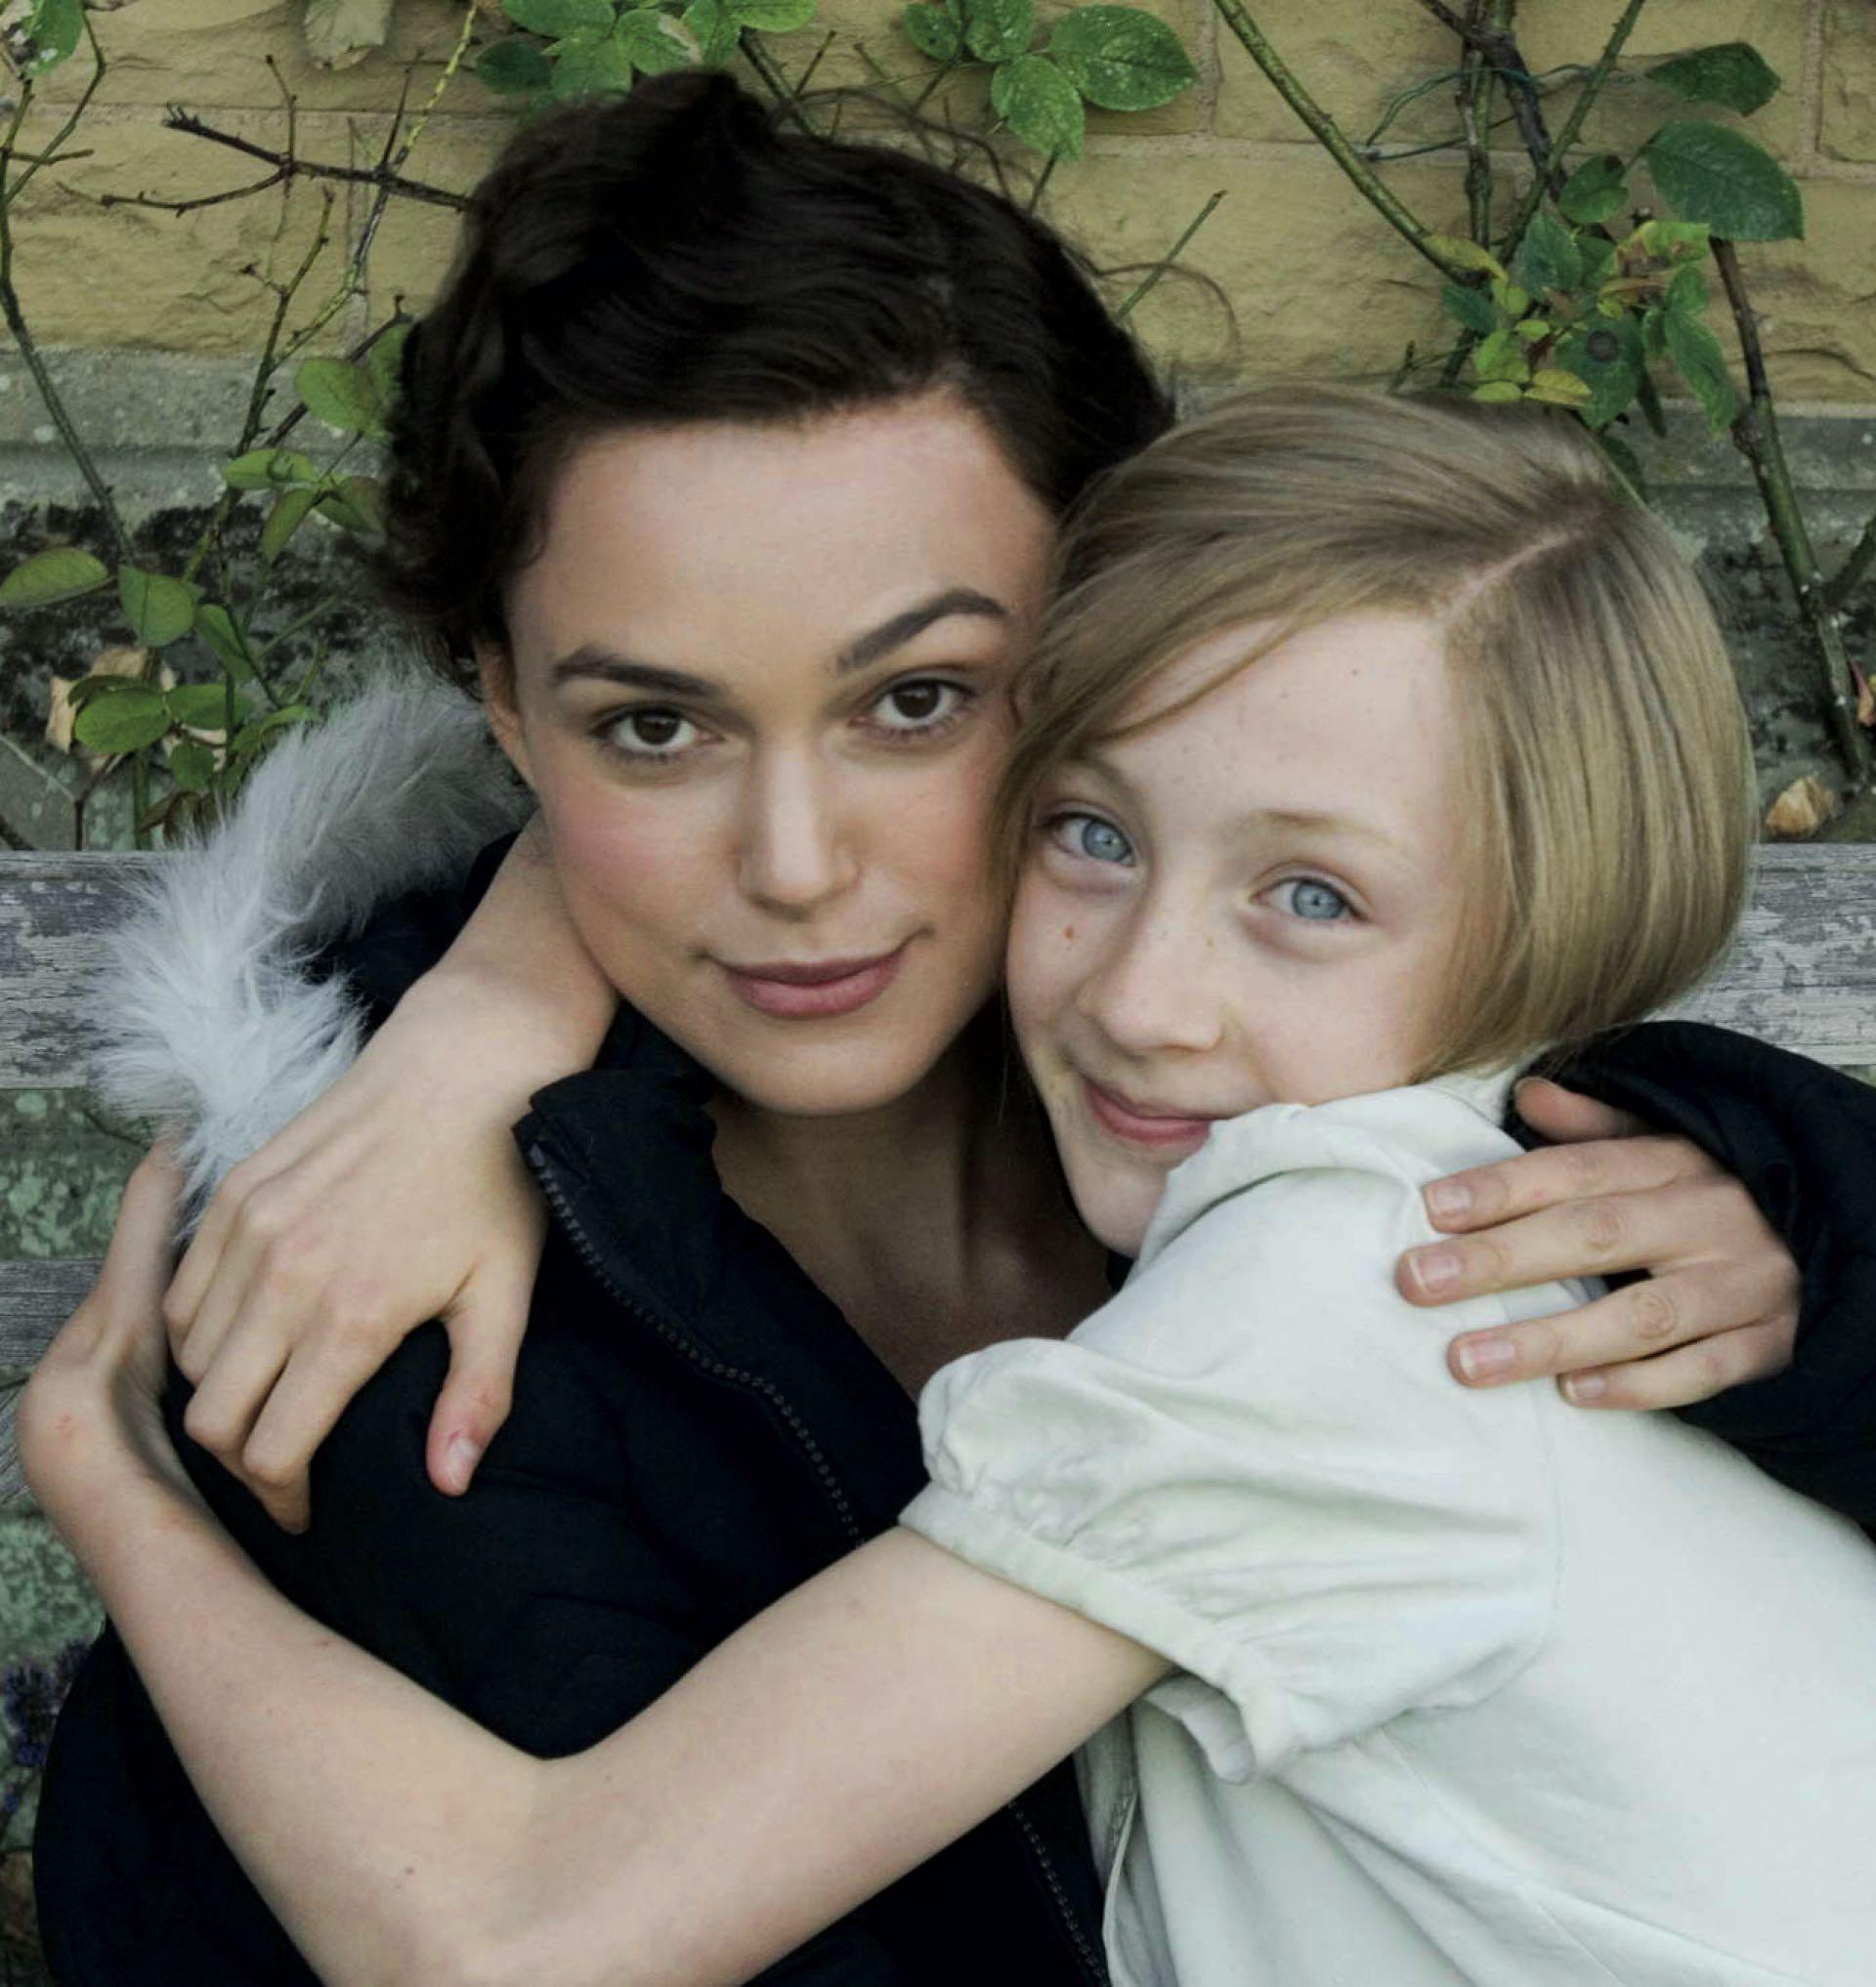 Saoirse Ronan junto a Keira Knightley en el film Expiación, deseo y pecado. Saoirse y su variada filmografía